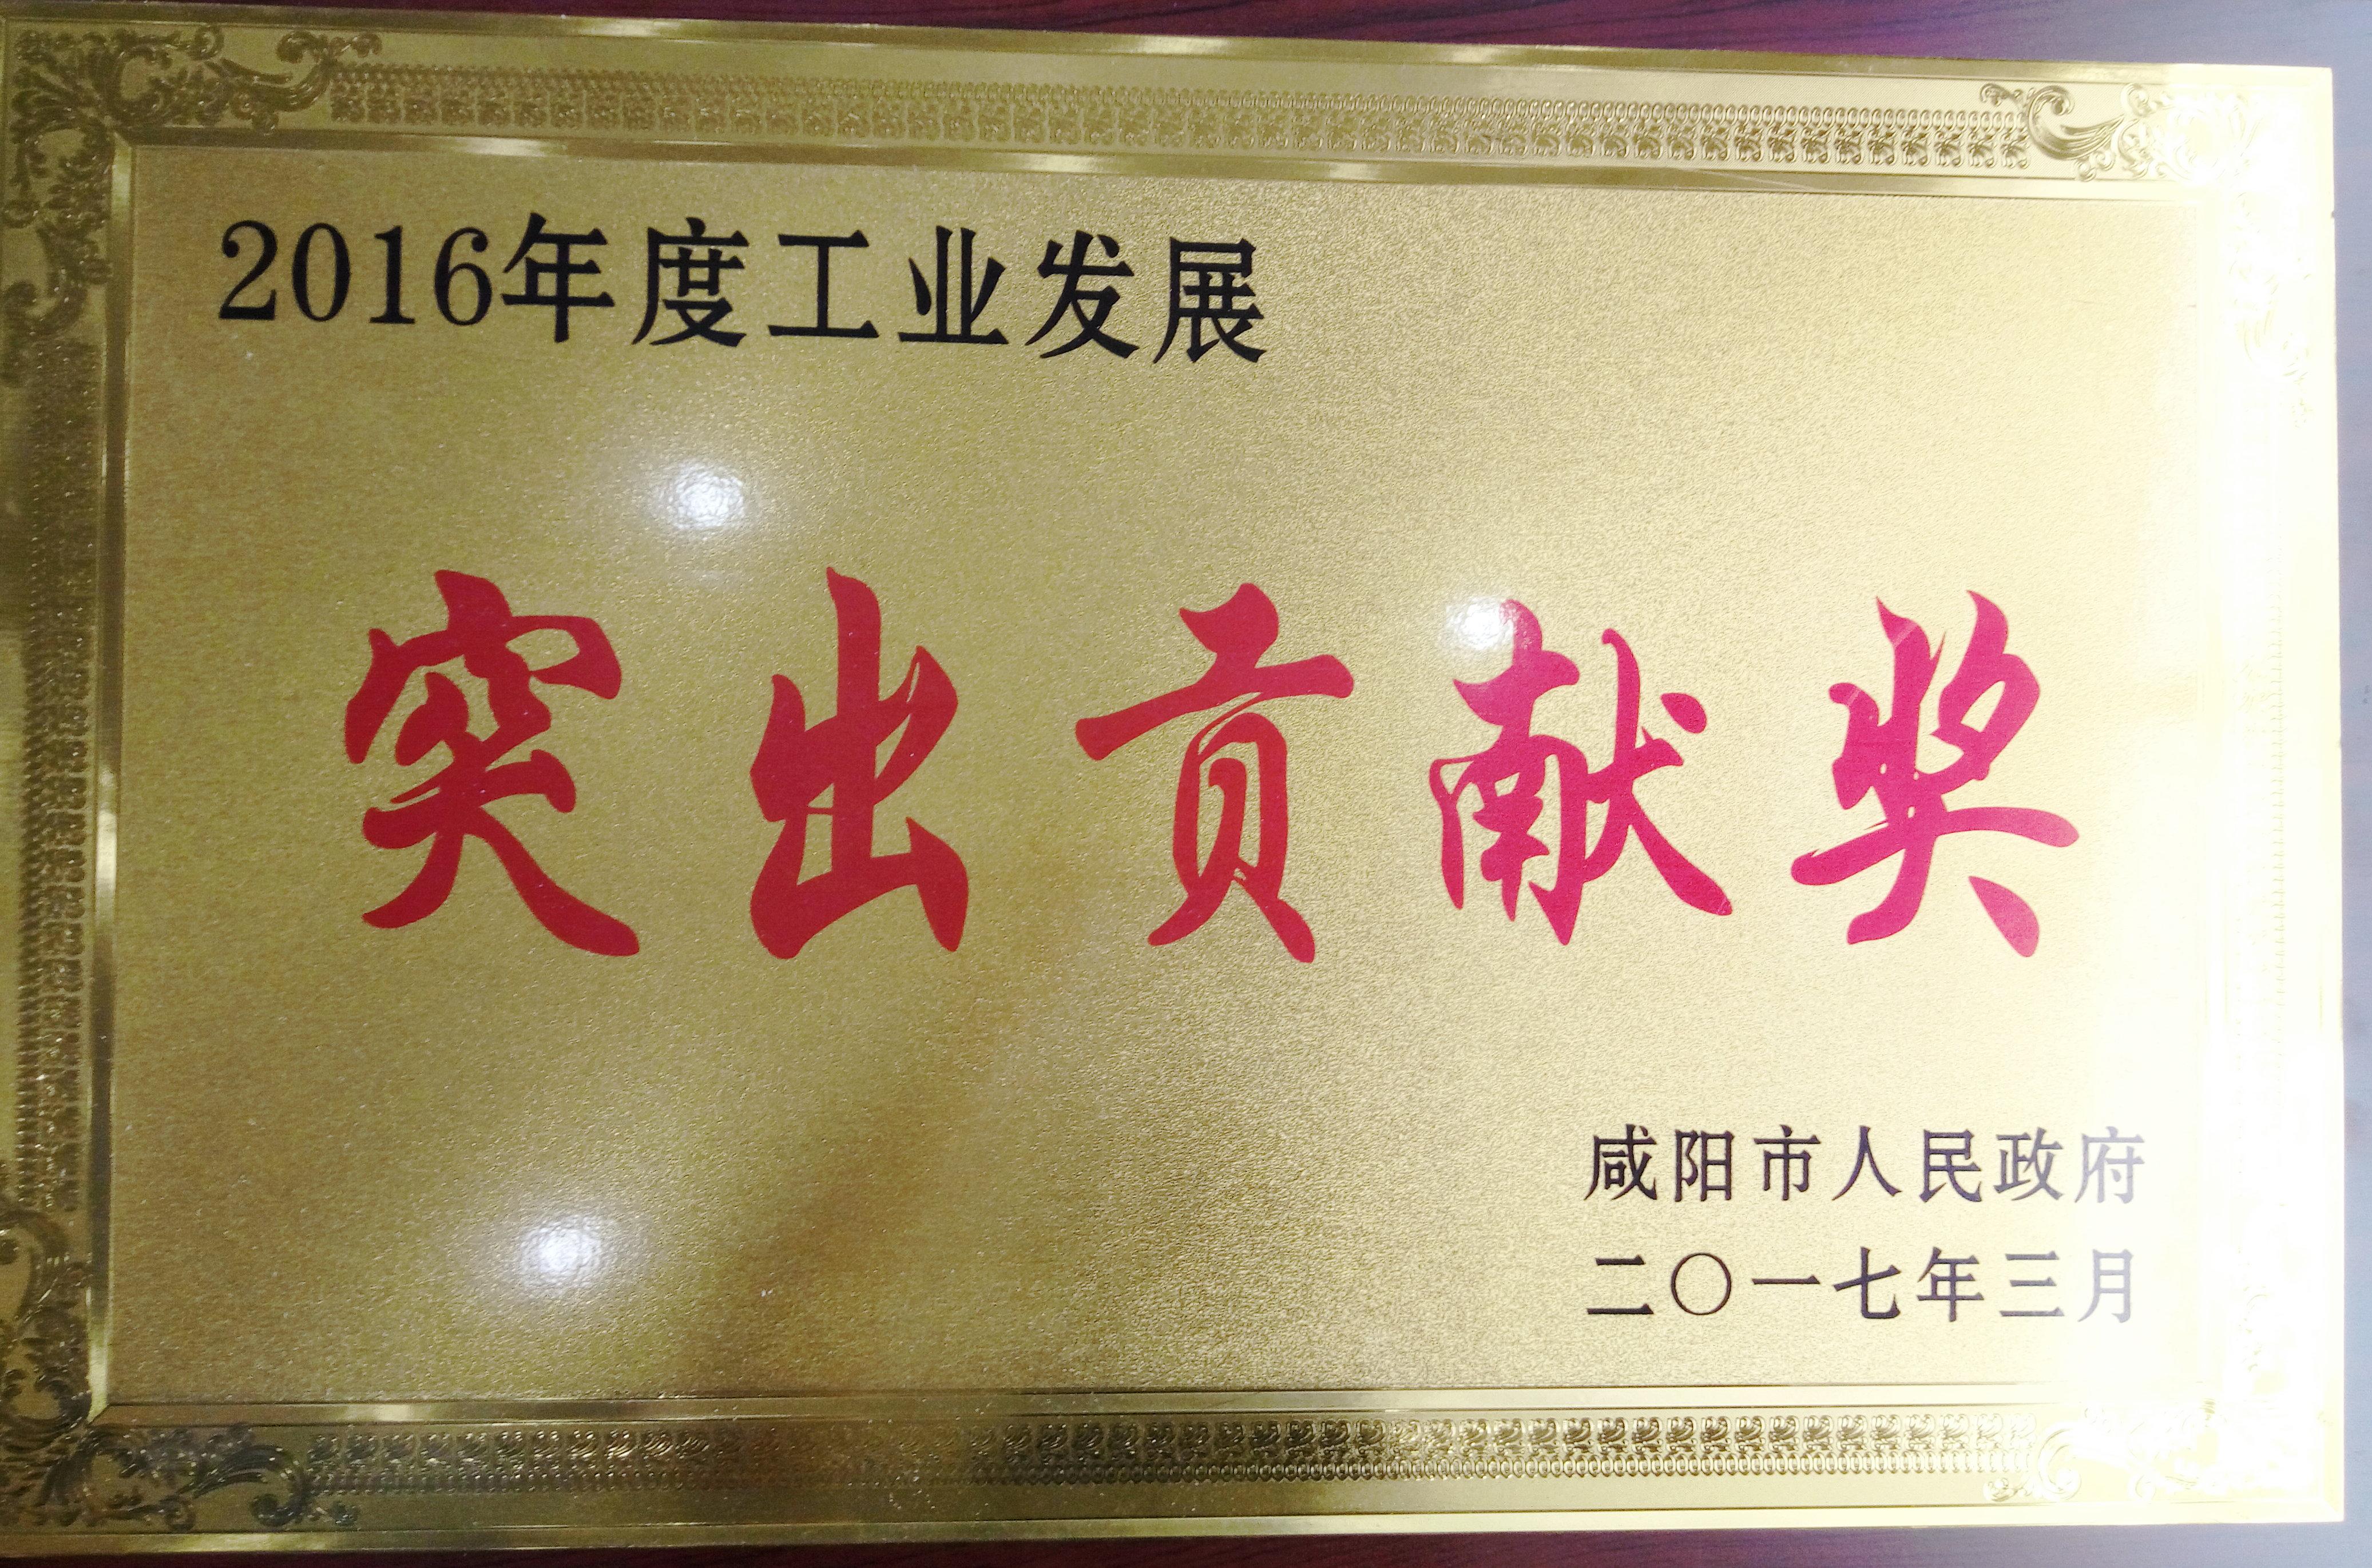 企業榮譽-突出貢獻獎